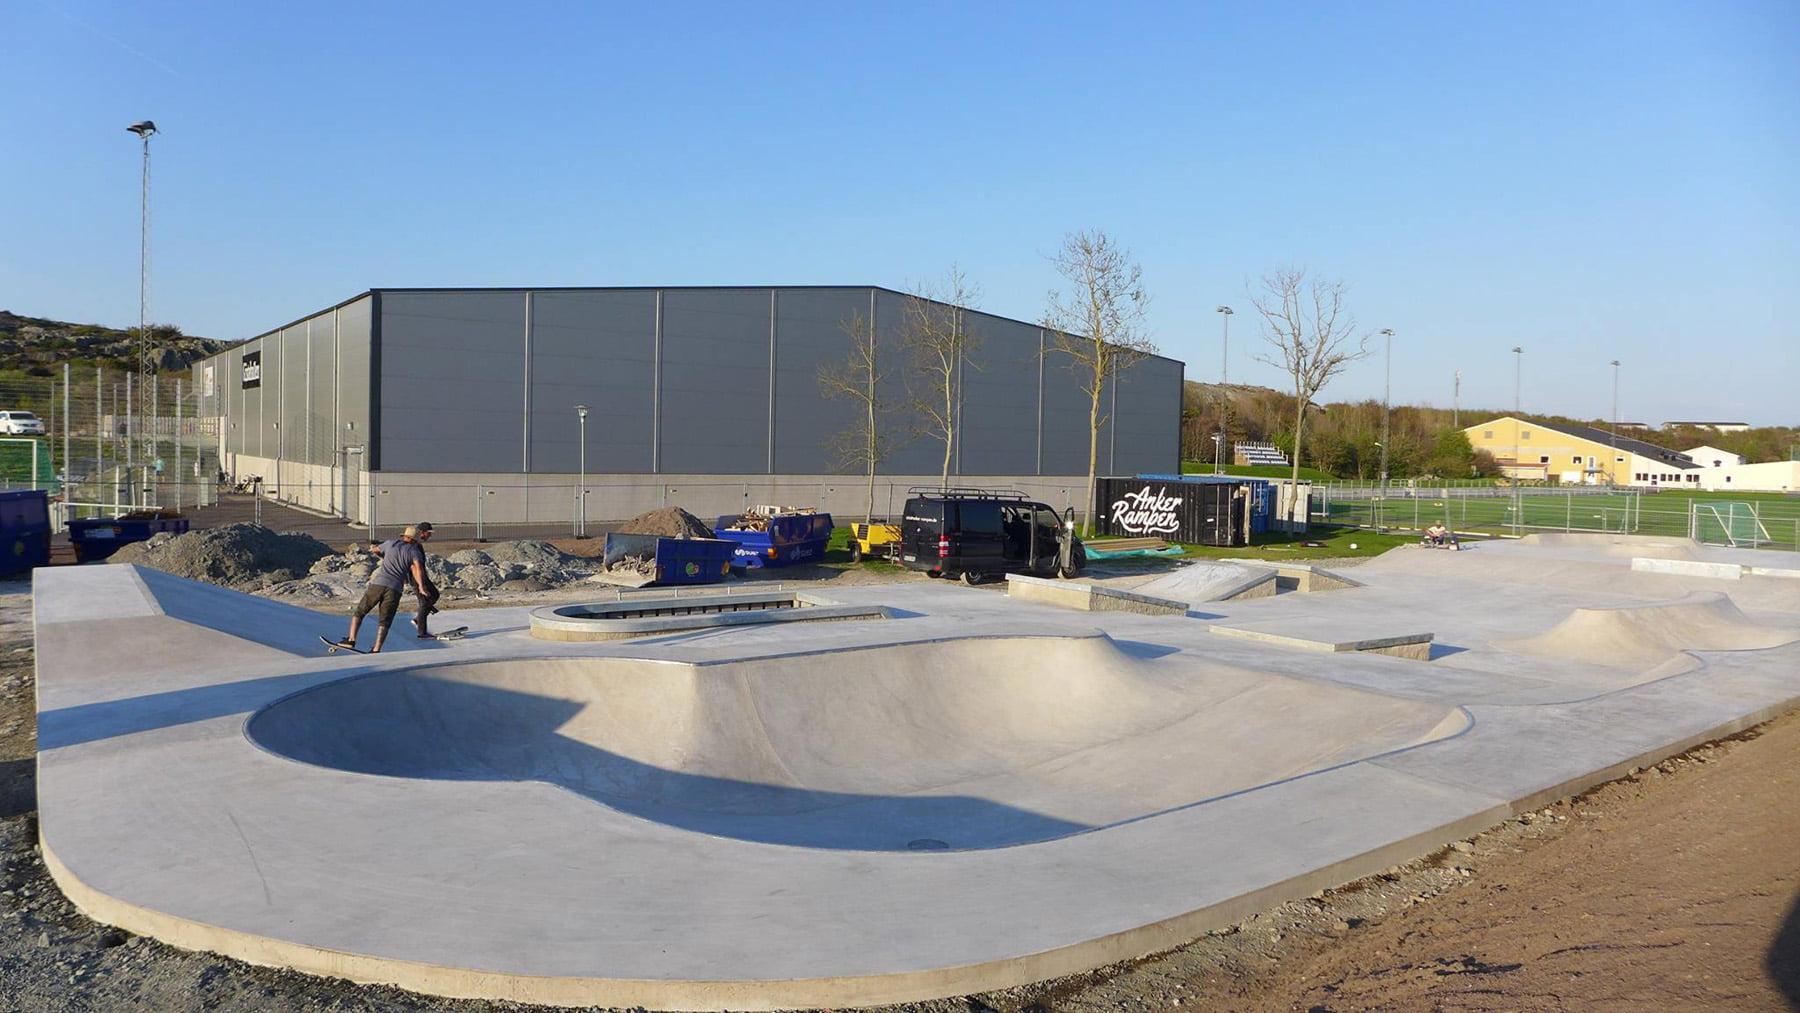 Öckerö Skatepark